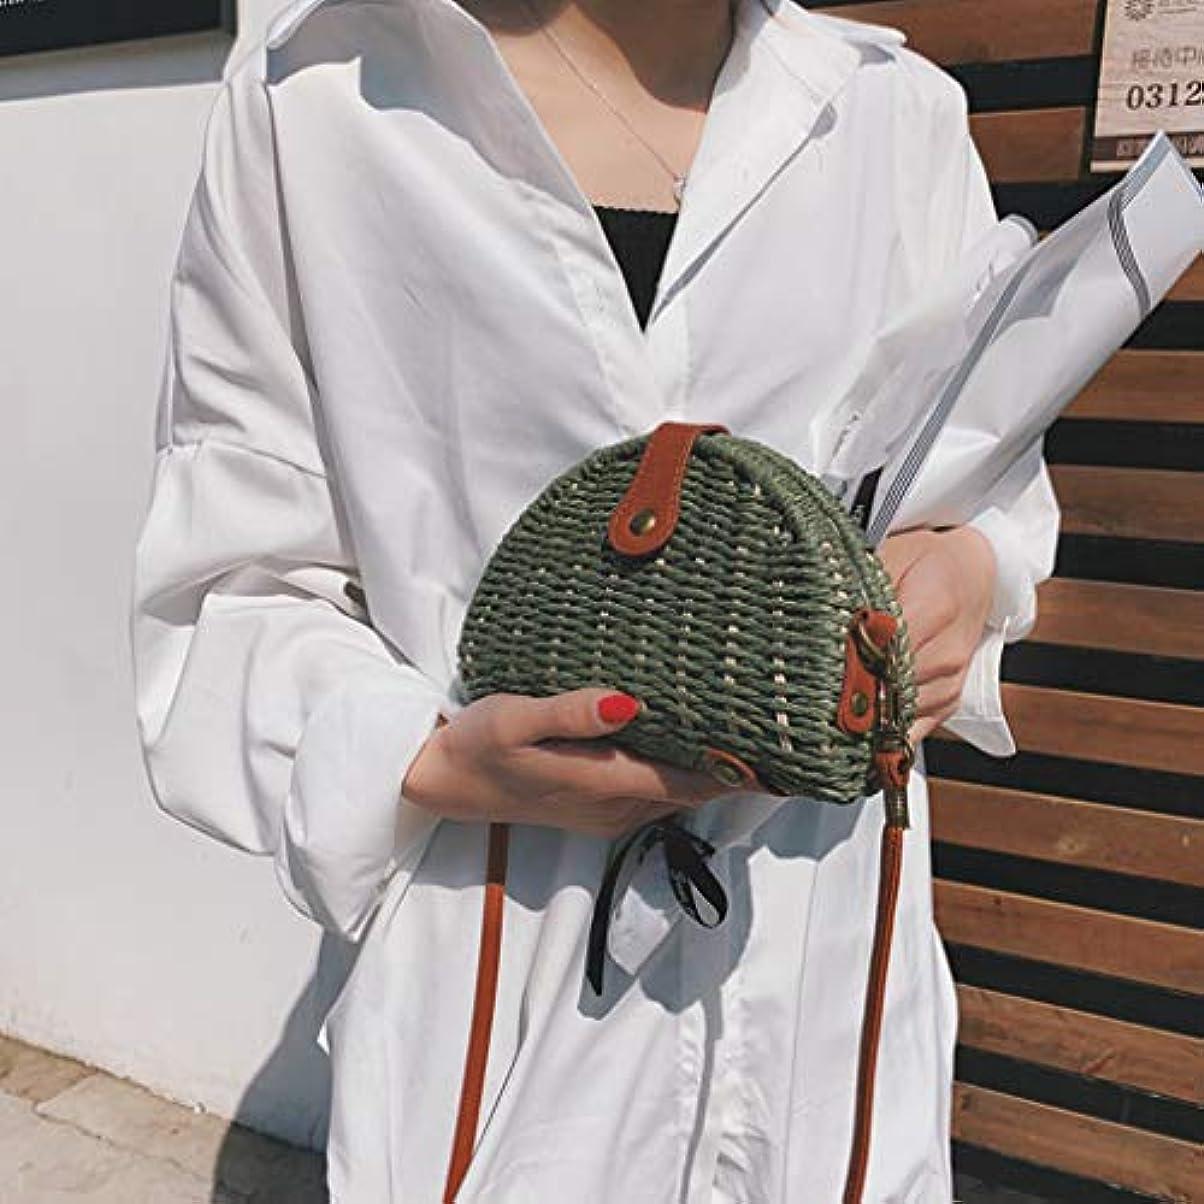 診断するフィードオン移行する女性ミニ織りビーチショルダーバッグレディースボヘミアンスタイルレジャーハンドバッグ、女性のミニ織クロスボディバッグ、レディースミニファッションビーチスタイルクロスボディバッグ (緑)